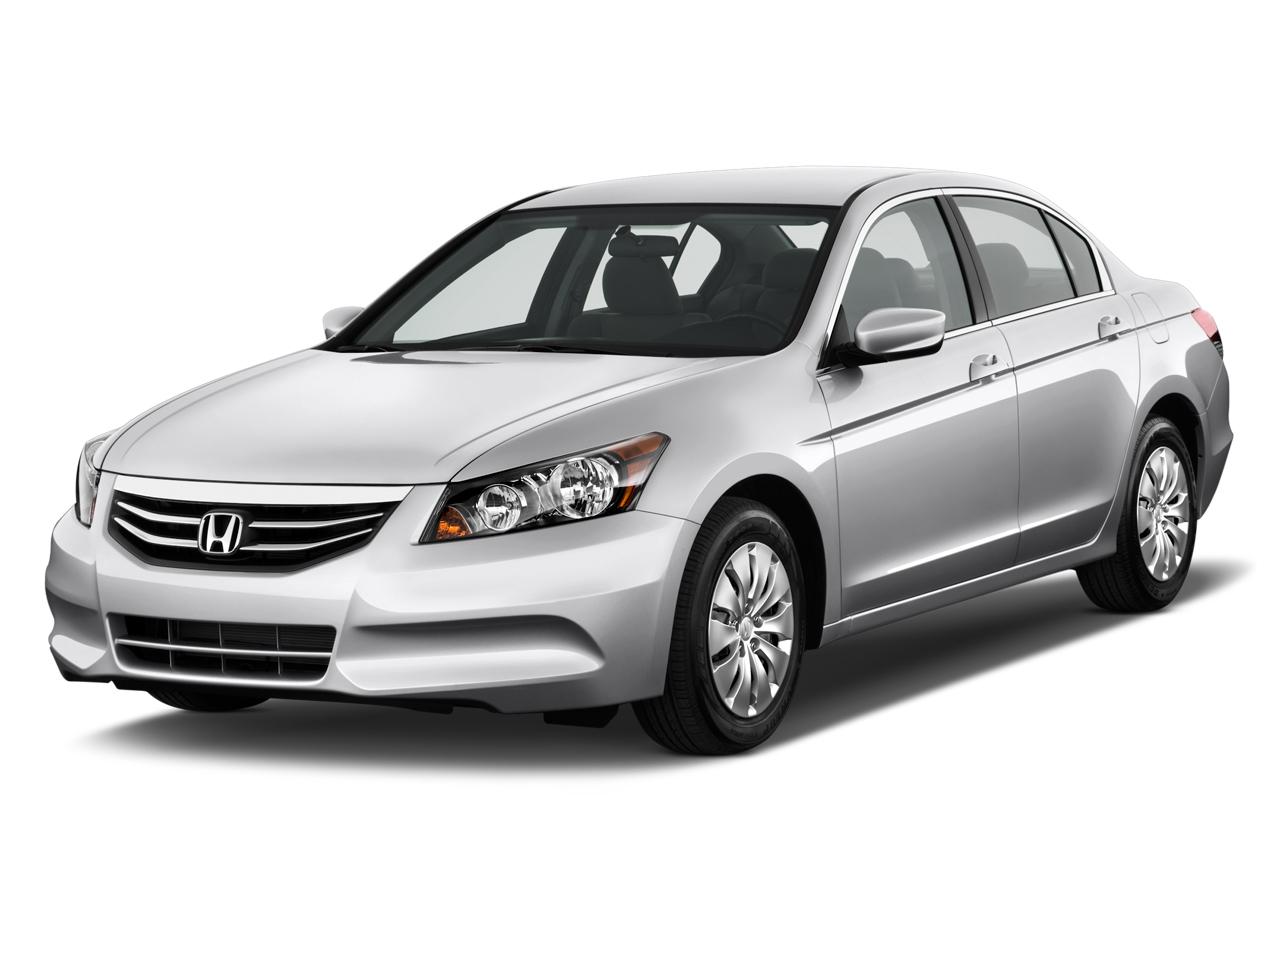 2011 Honda Accord Sedan Review Ratings Specs Prices